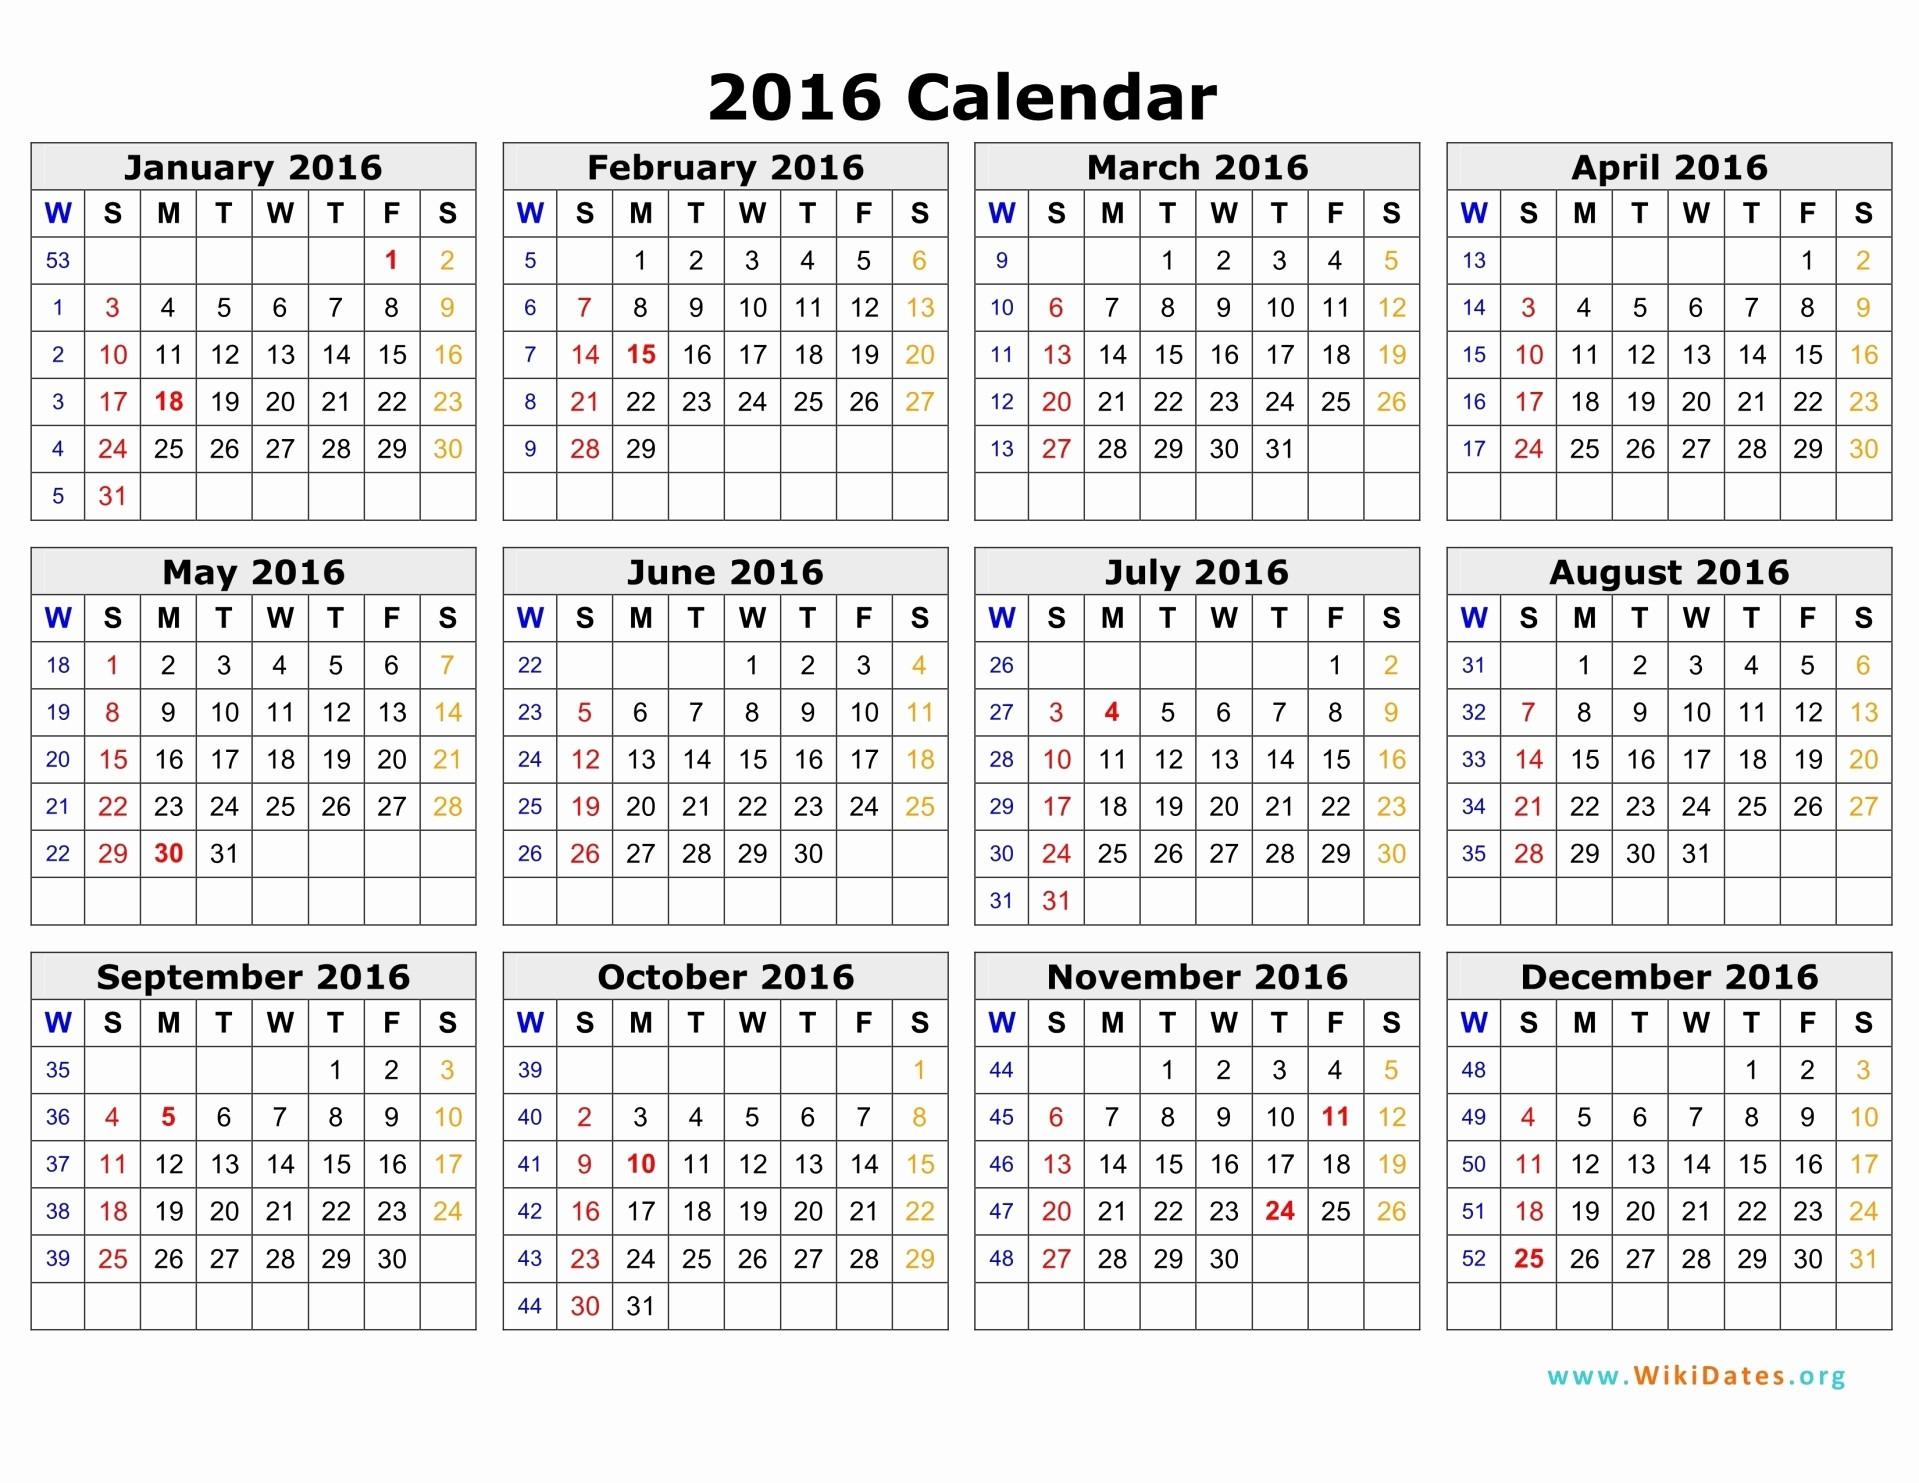 Week by Week Calendar Template Luxury 2016 Calendar by Week